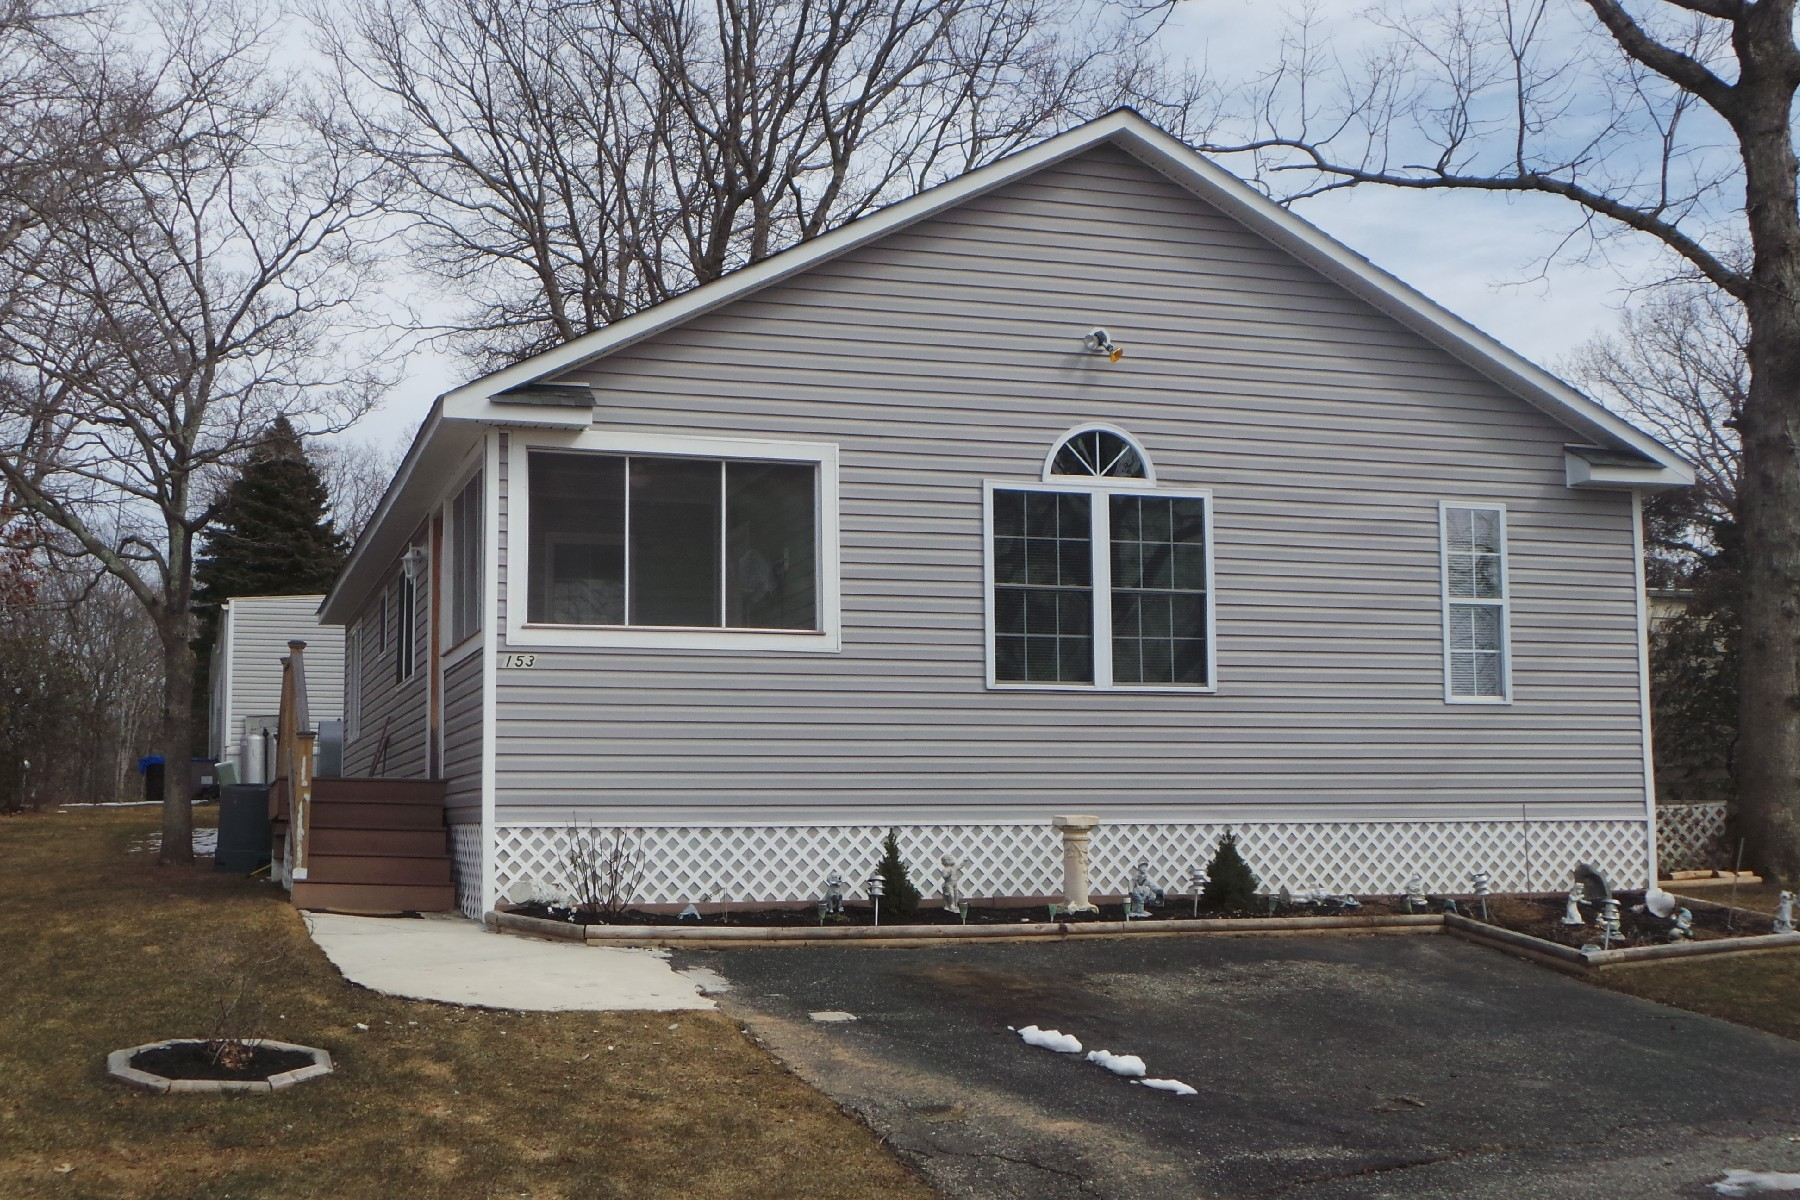 단독 가정 주택 용 매매 에 Mobile Home 703-153 Fresh Pond Ave Calverton, 뉴욕 11933 미국